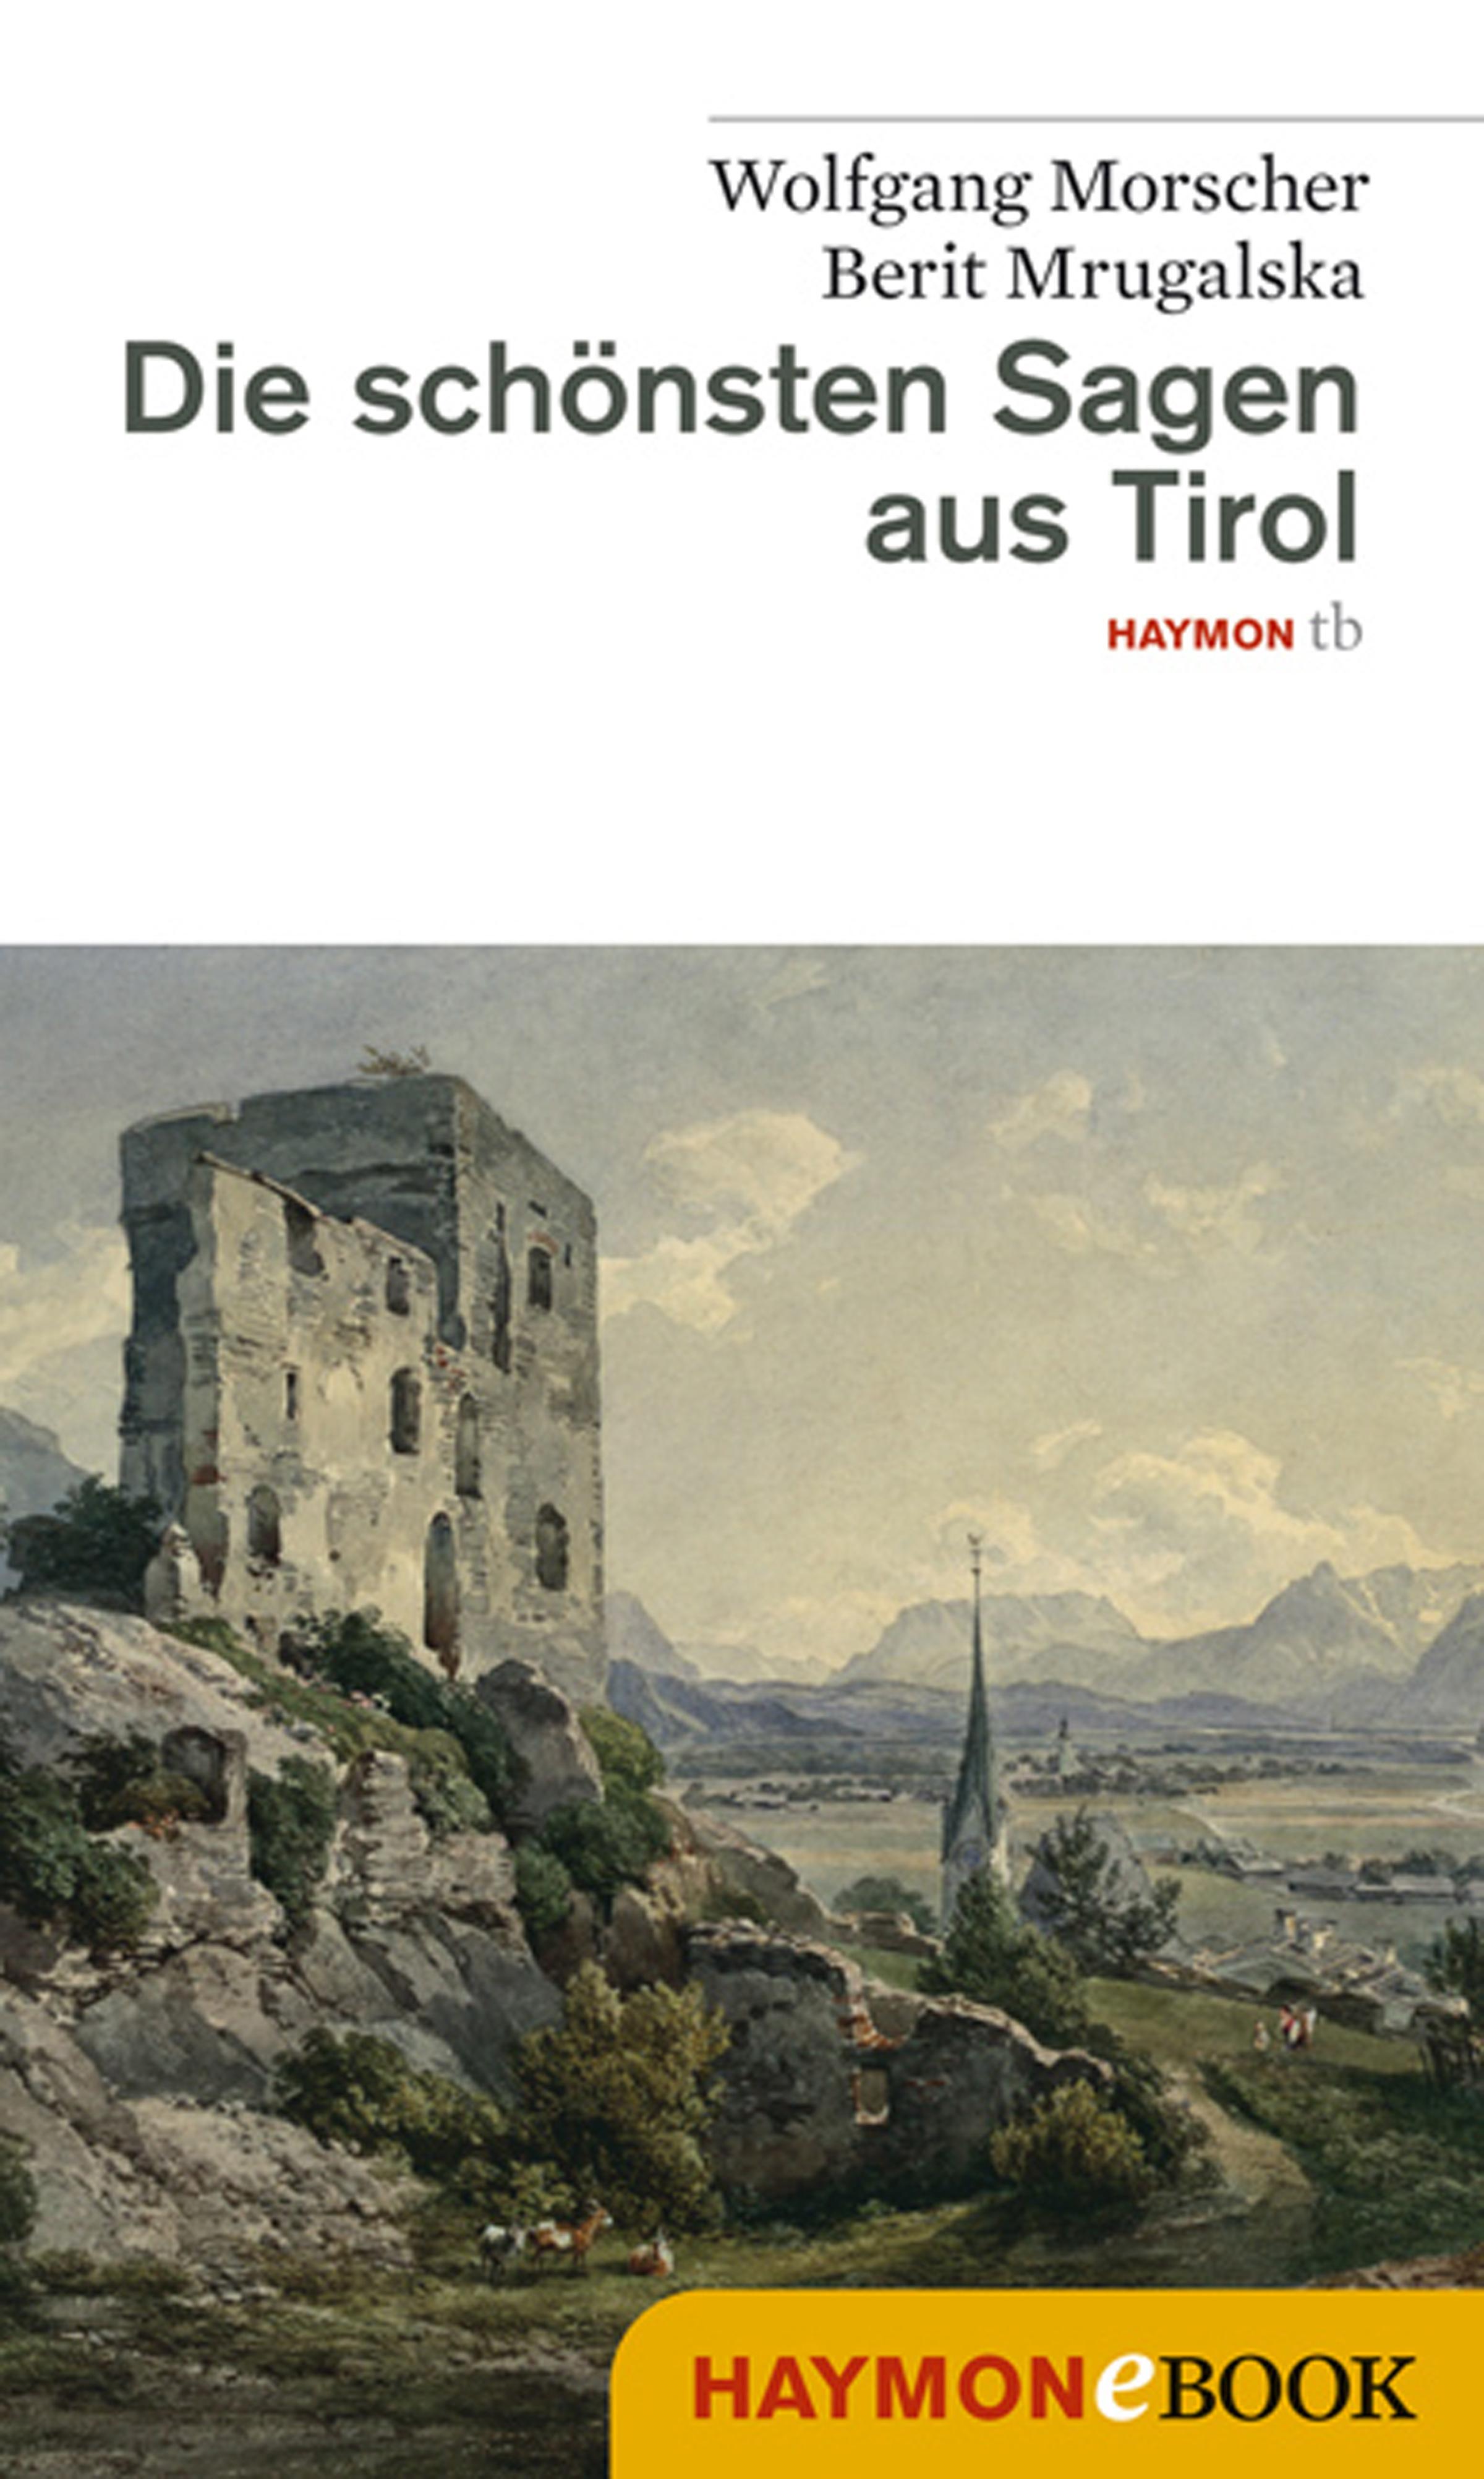 Wolfgang Morscher Die schönsten Sagen aus Tirol ignaz vincenz zingerle sagen aus tirol german edition